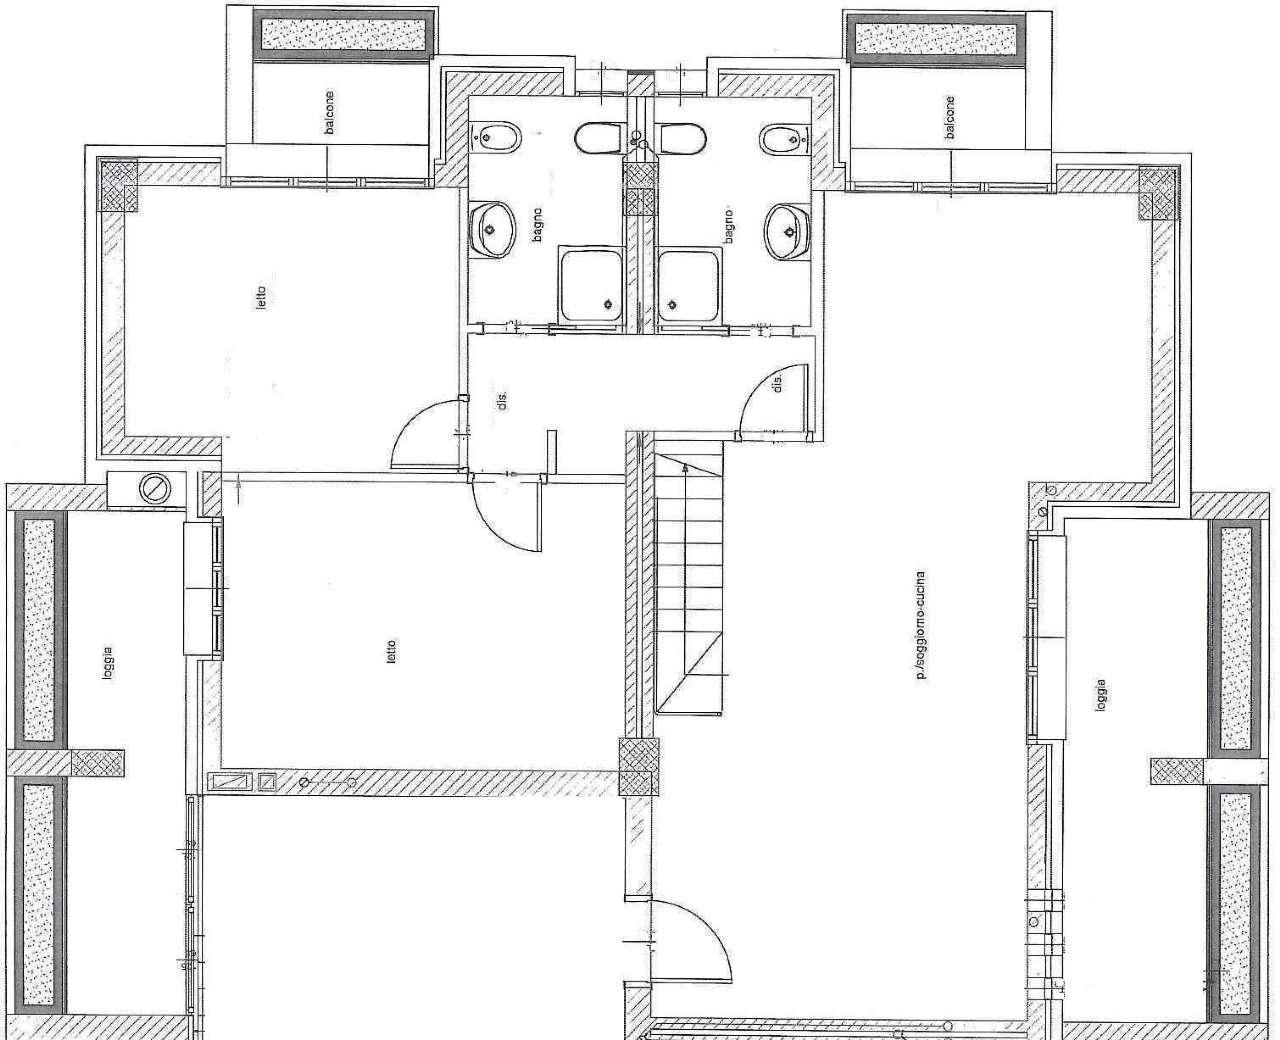 Attico / Mansarda in vendita a Cesena, 6 locali, prezzo € 485.000 | Cambio Casa.it